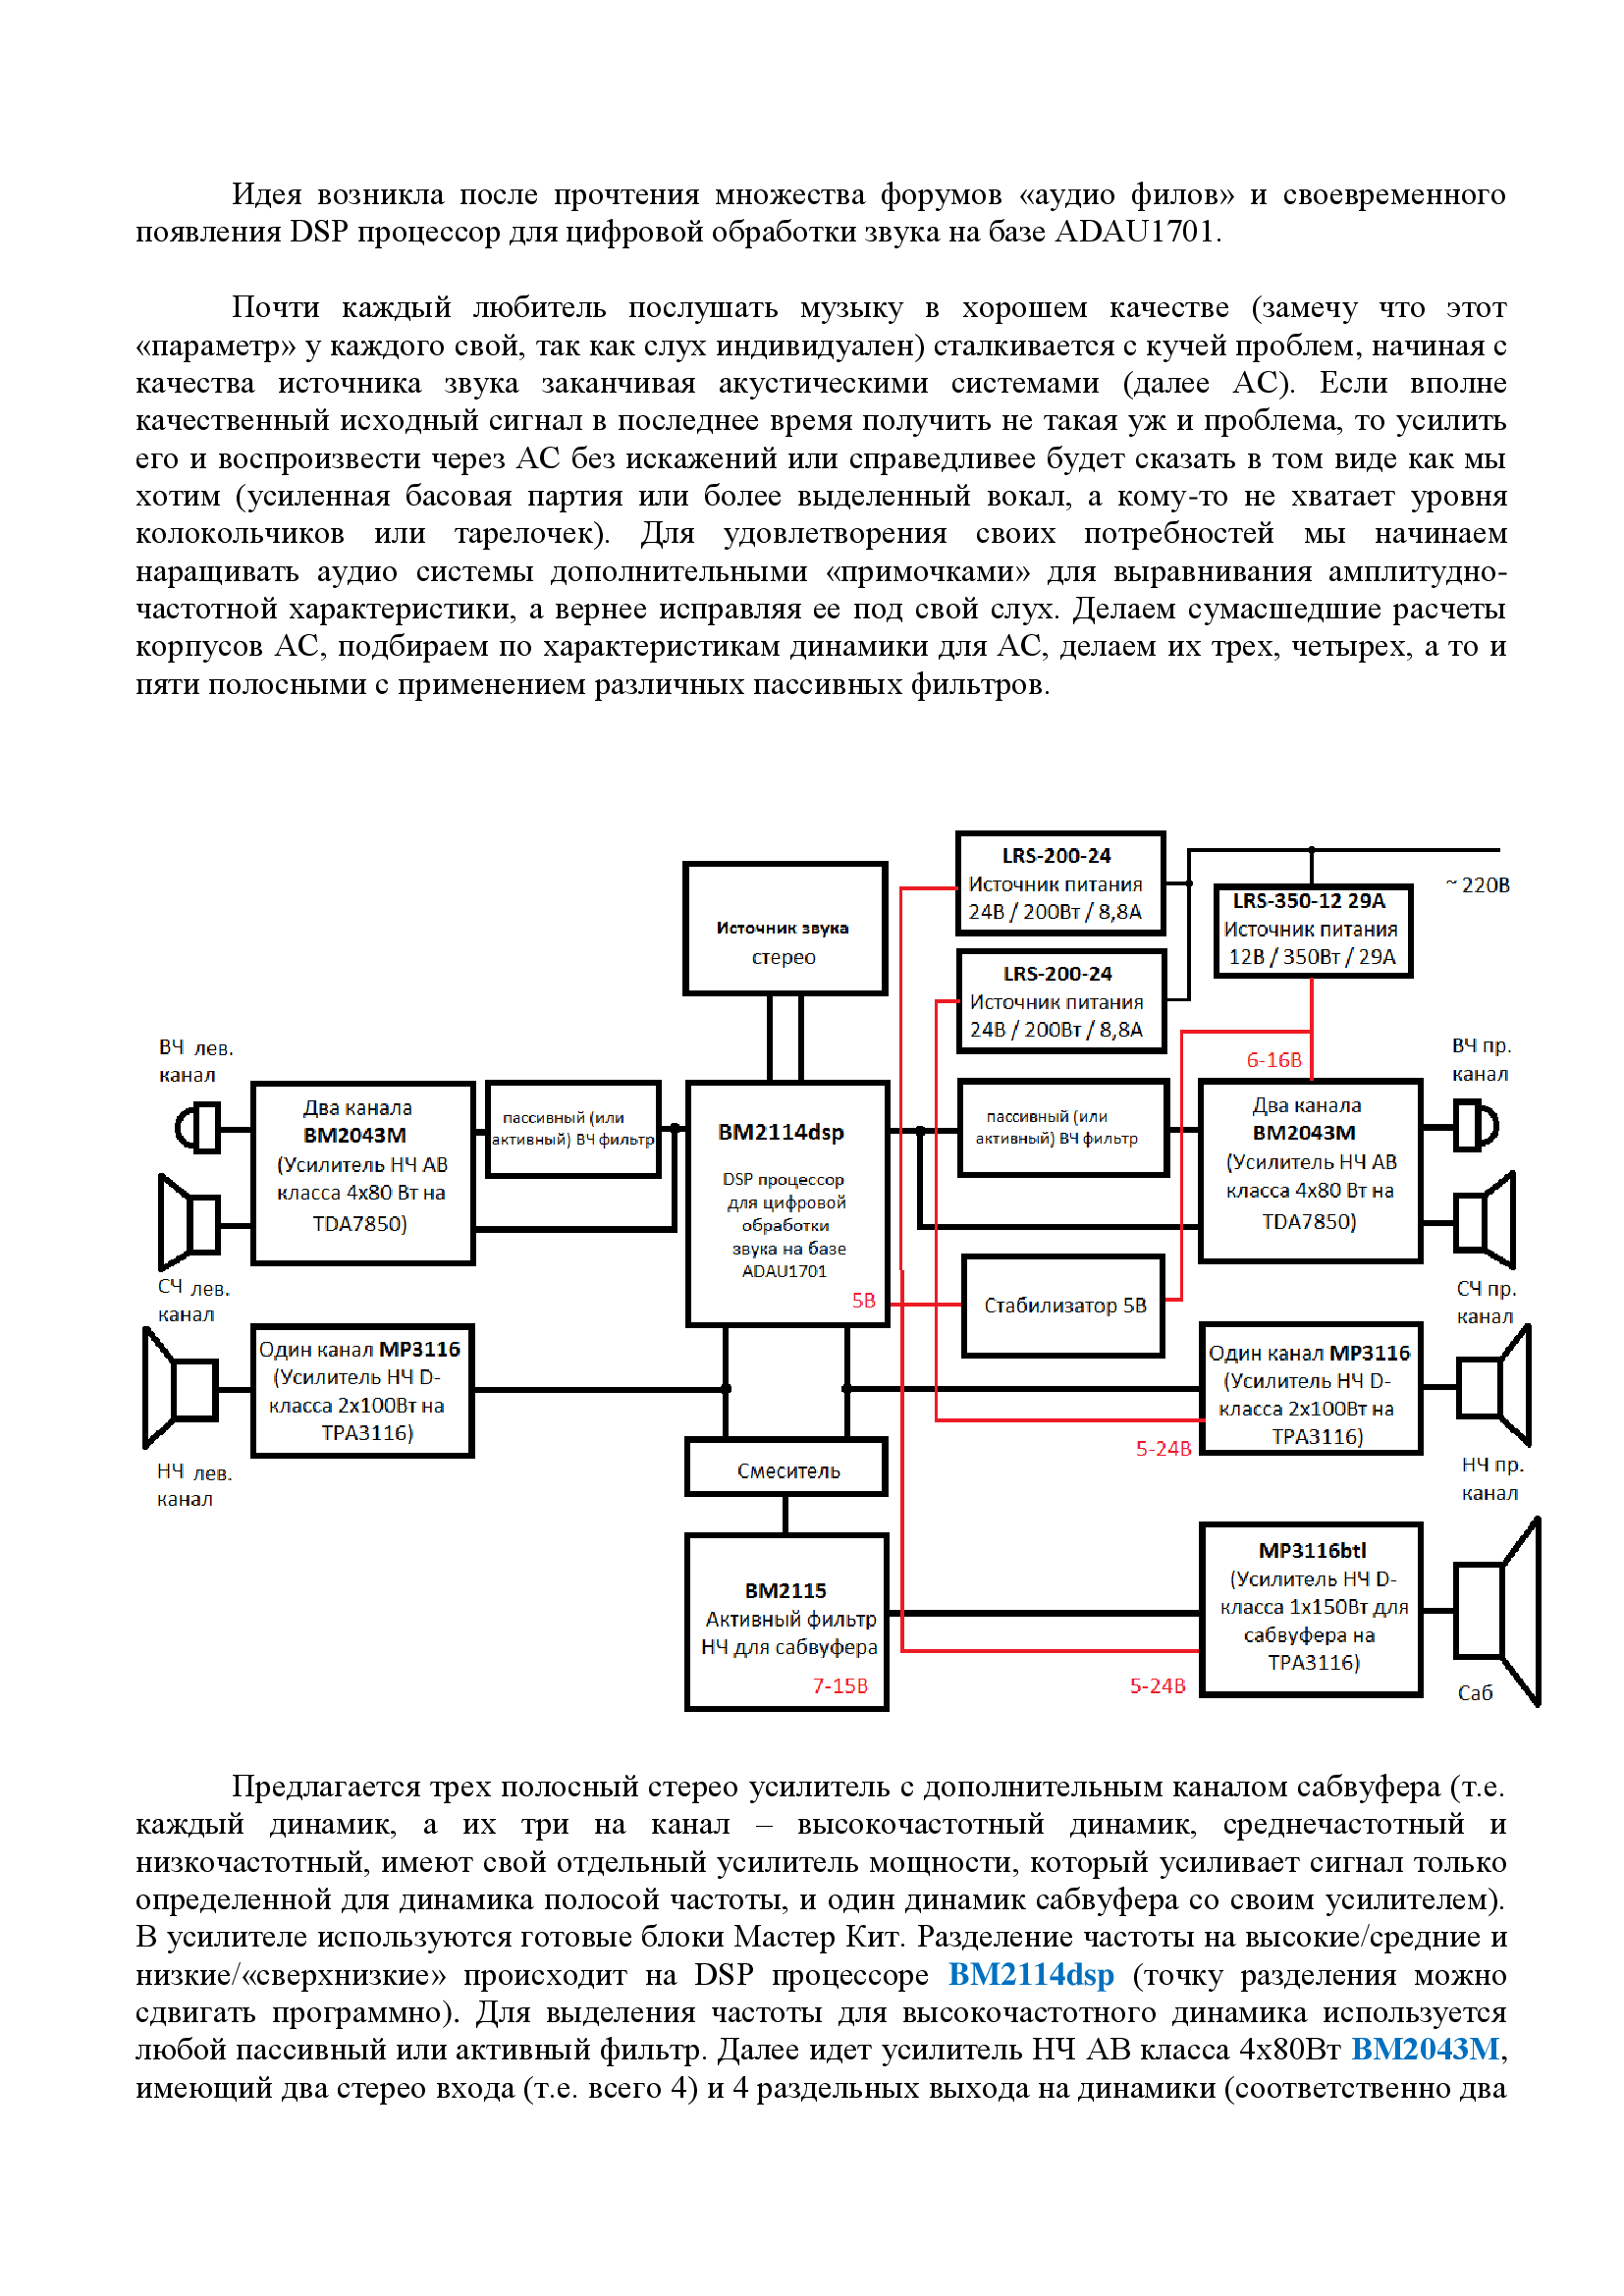 Трех полосный стерео усилитель мощности с каналом сабвуфера